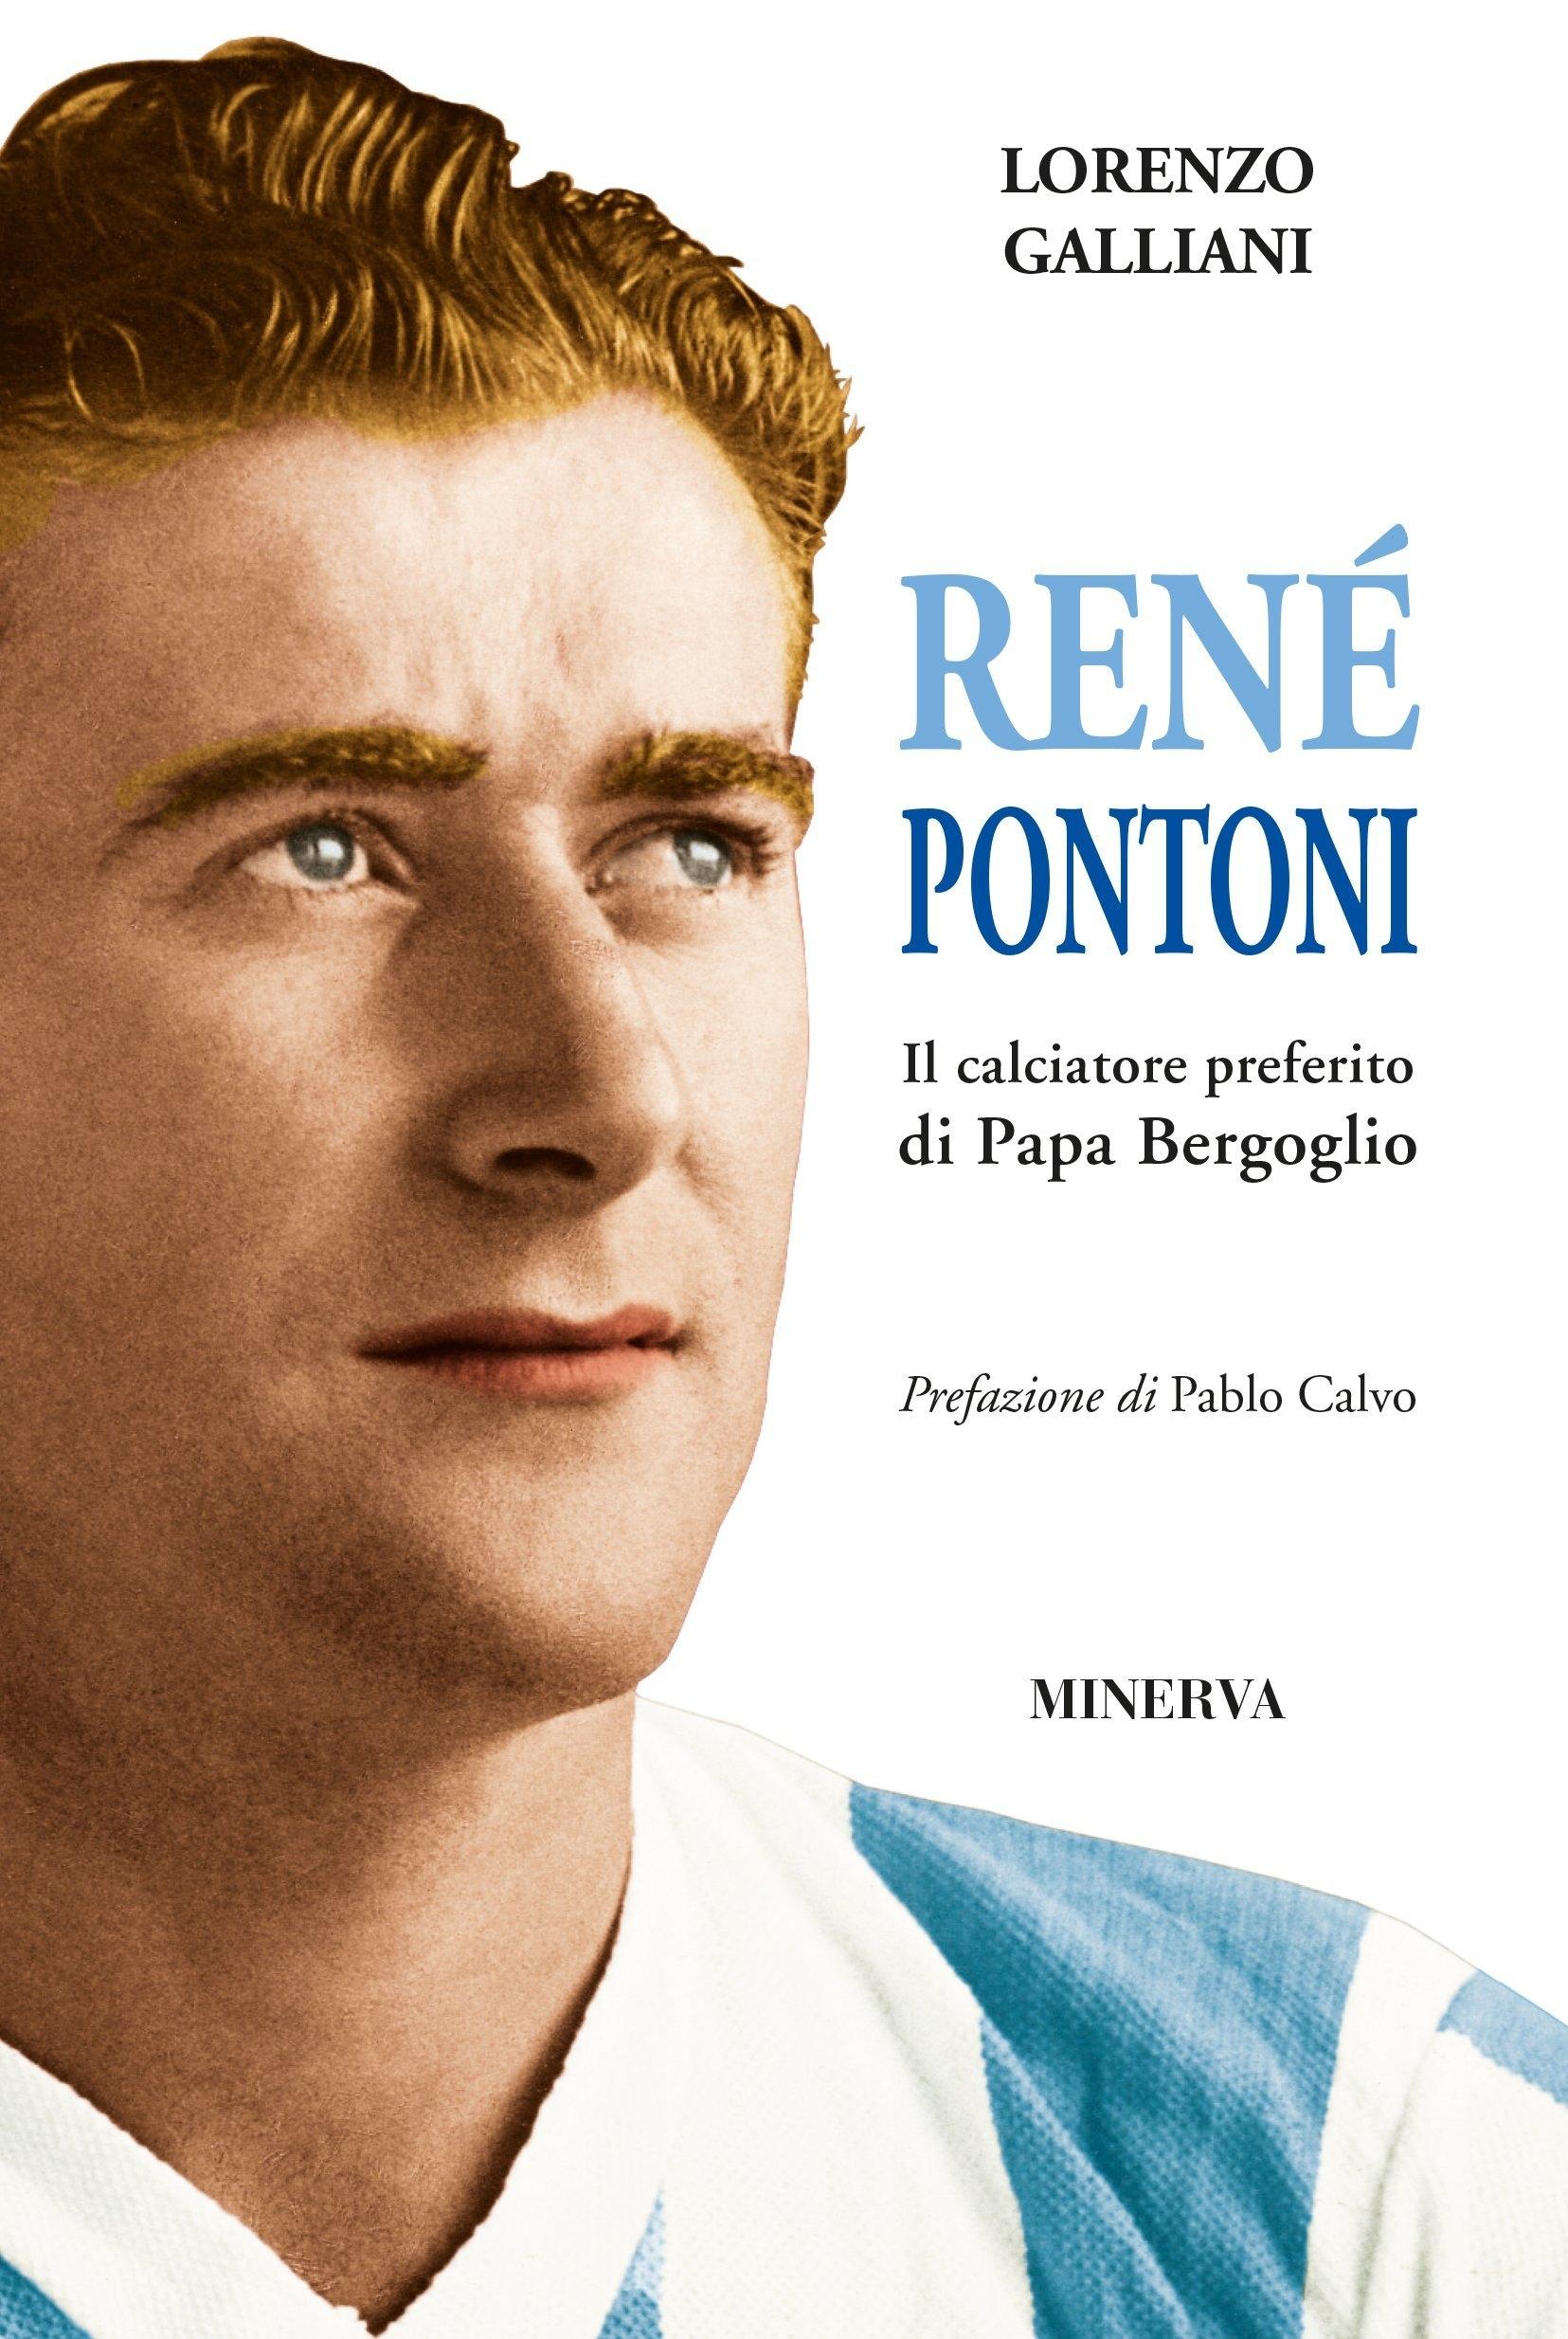 René Pontoni. Il calciatore preferito di papa Bergoglio.